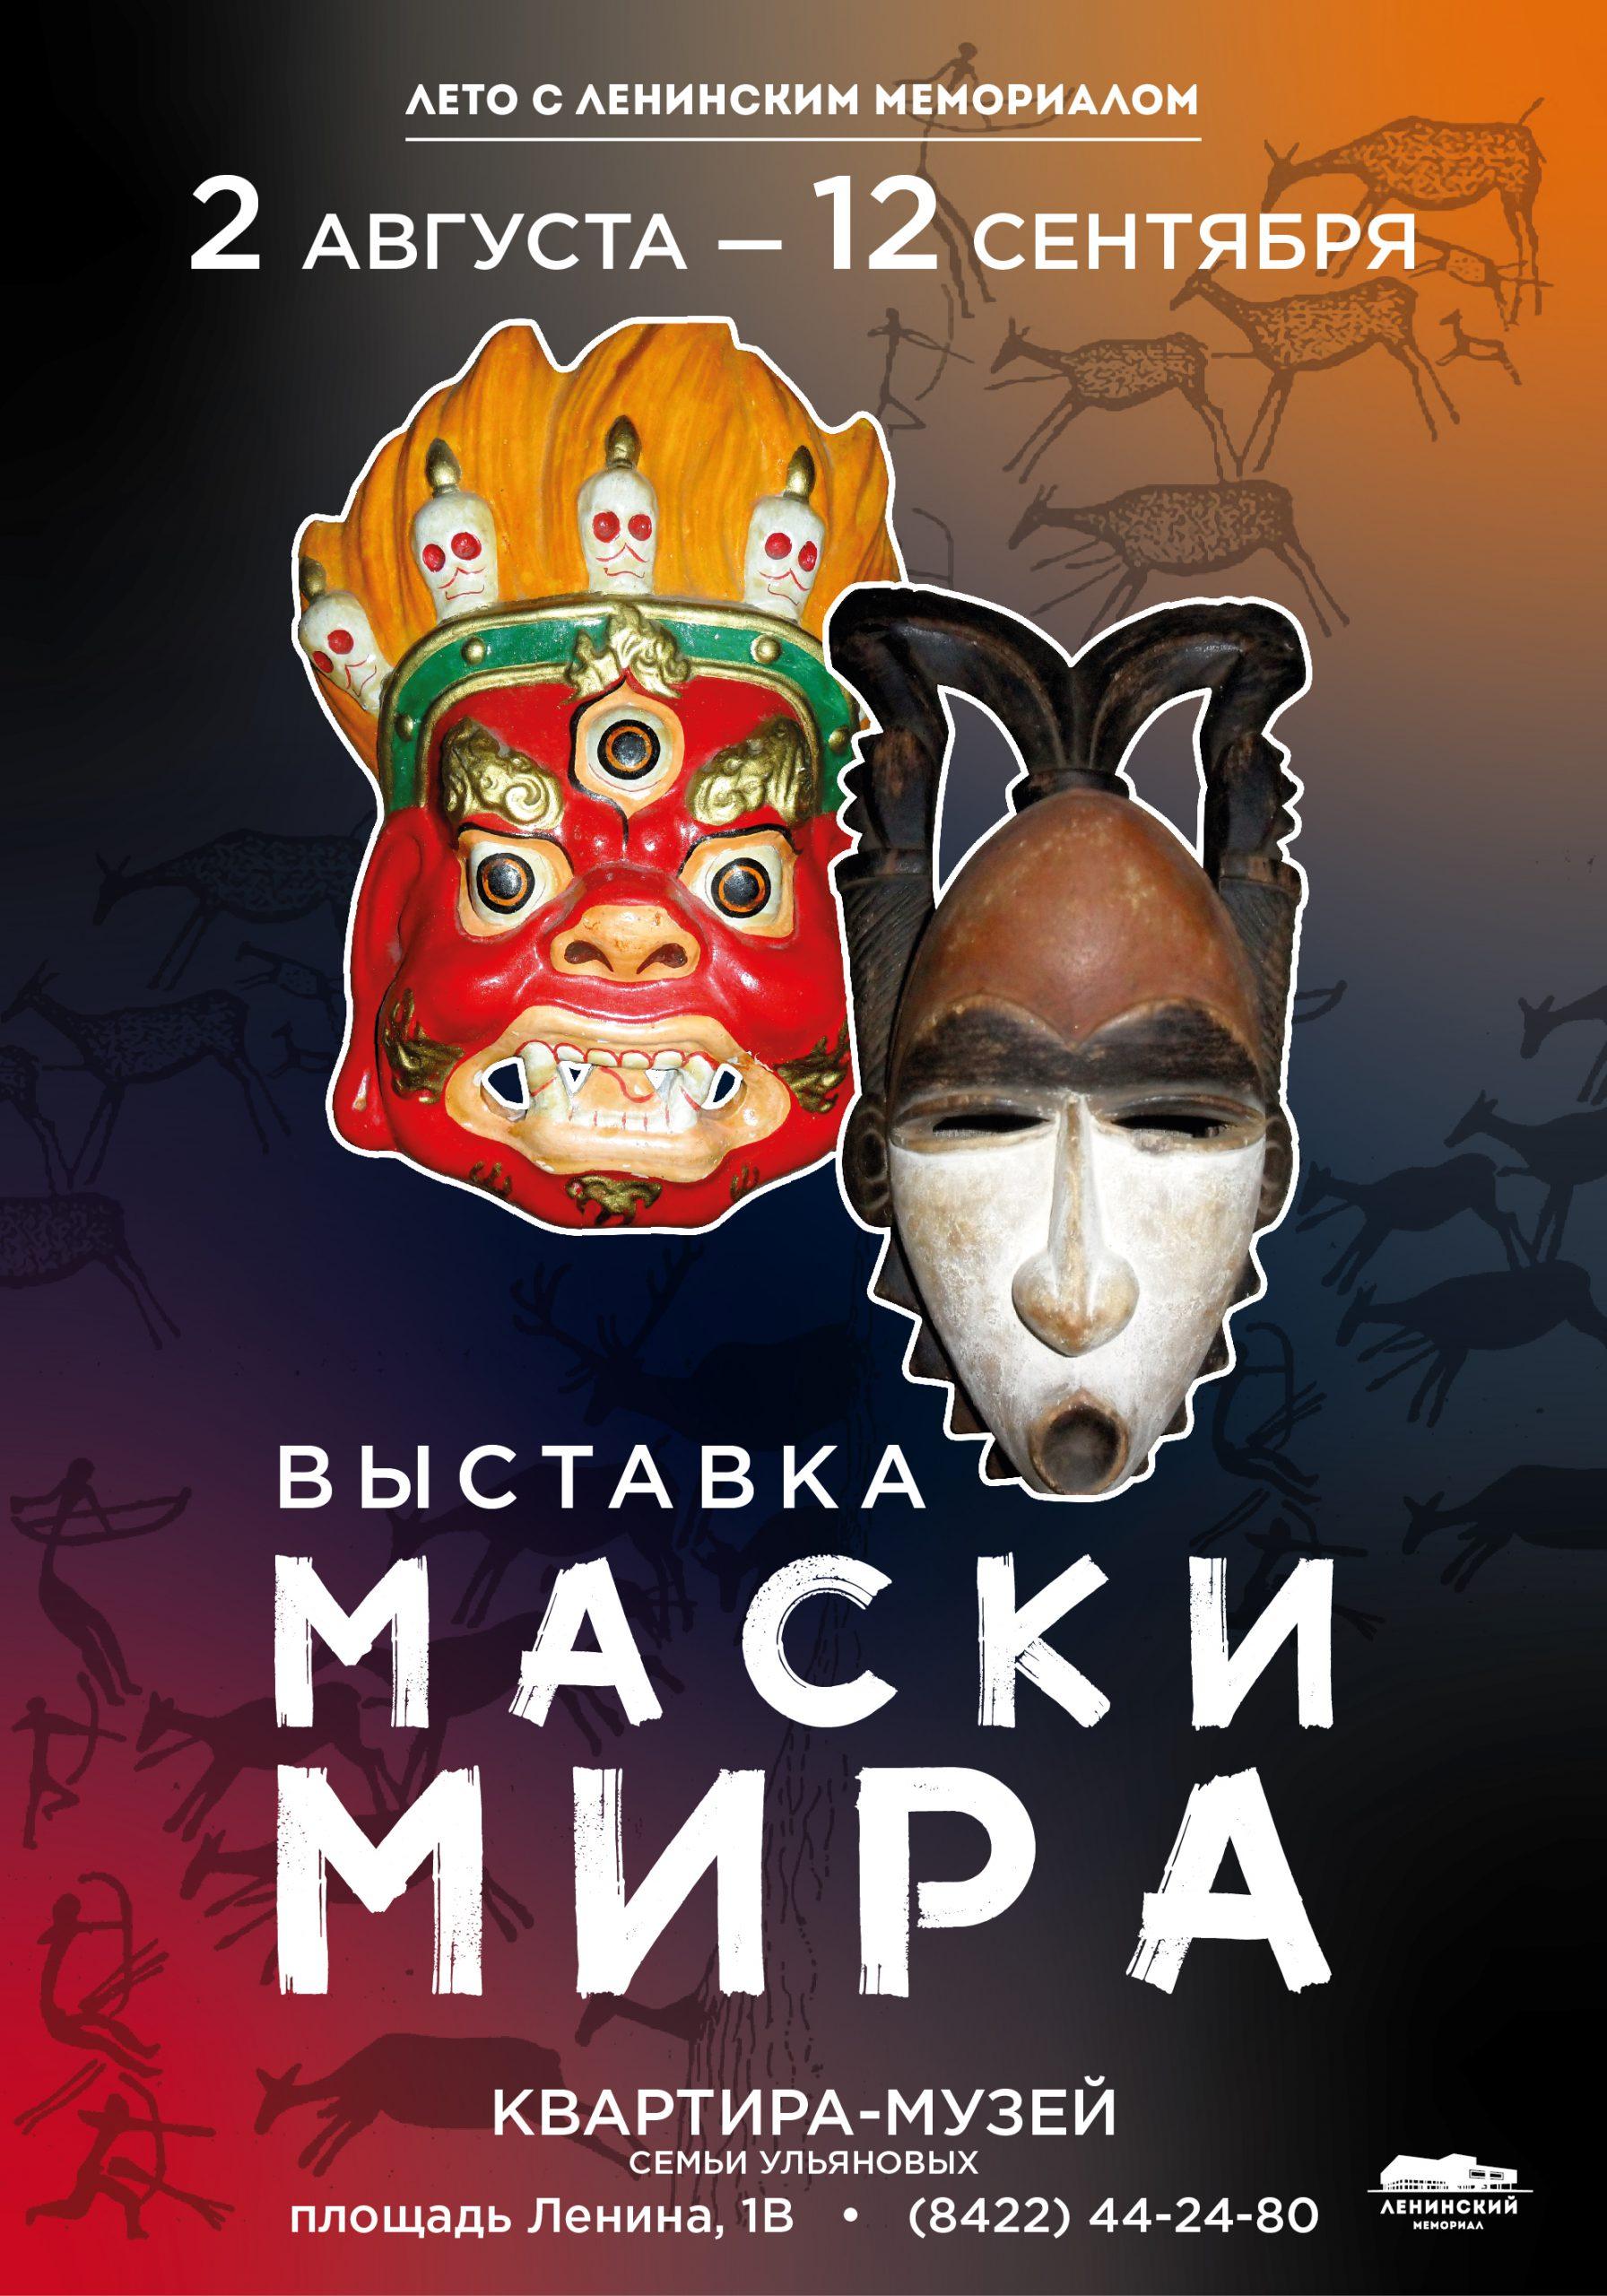 Выставка «Маски Мира» @ в экспозиционном зале Квартиры-музея семьи Ульяновых (пл. Ленина, 1в, цокольный этаж)